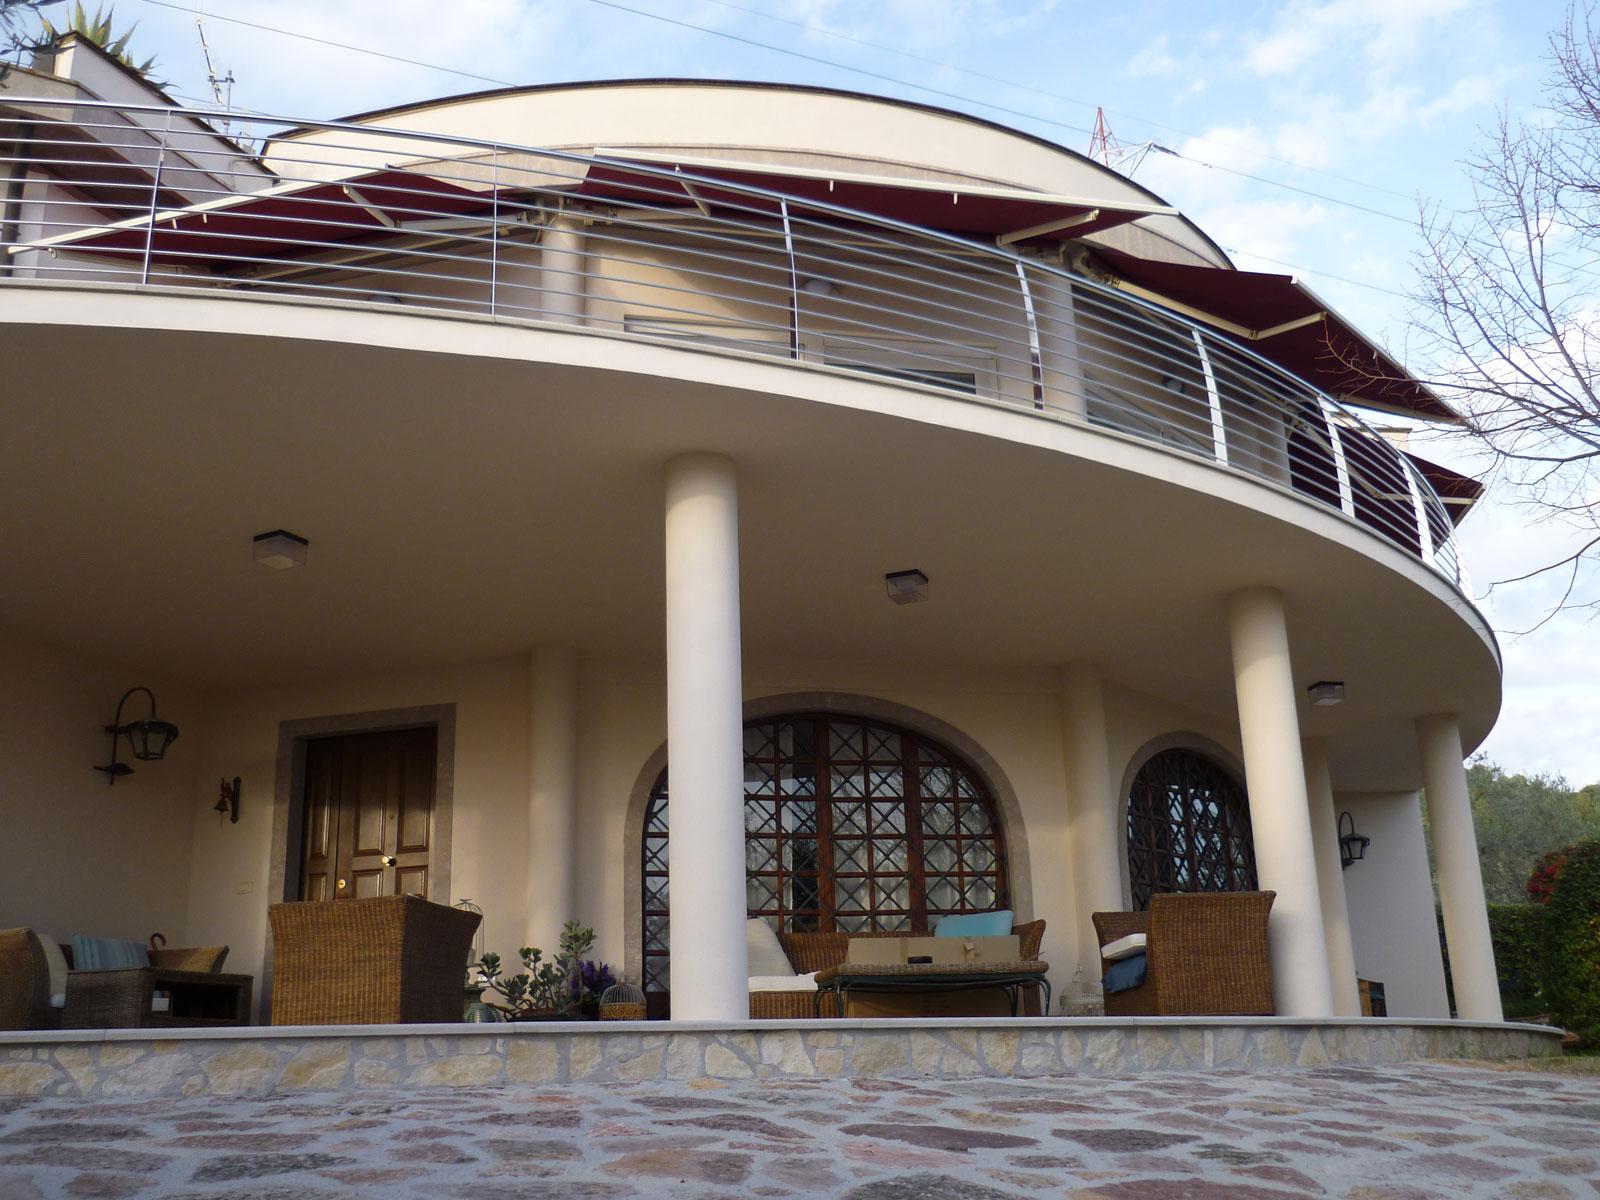 TORZONI COSTRUZIONI: Impresa Edile a Venturina Terme (LI)